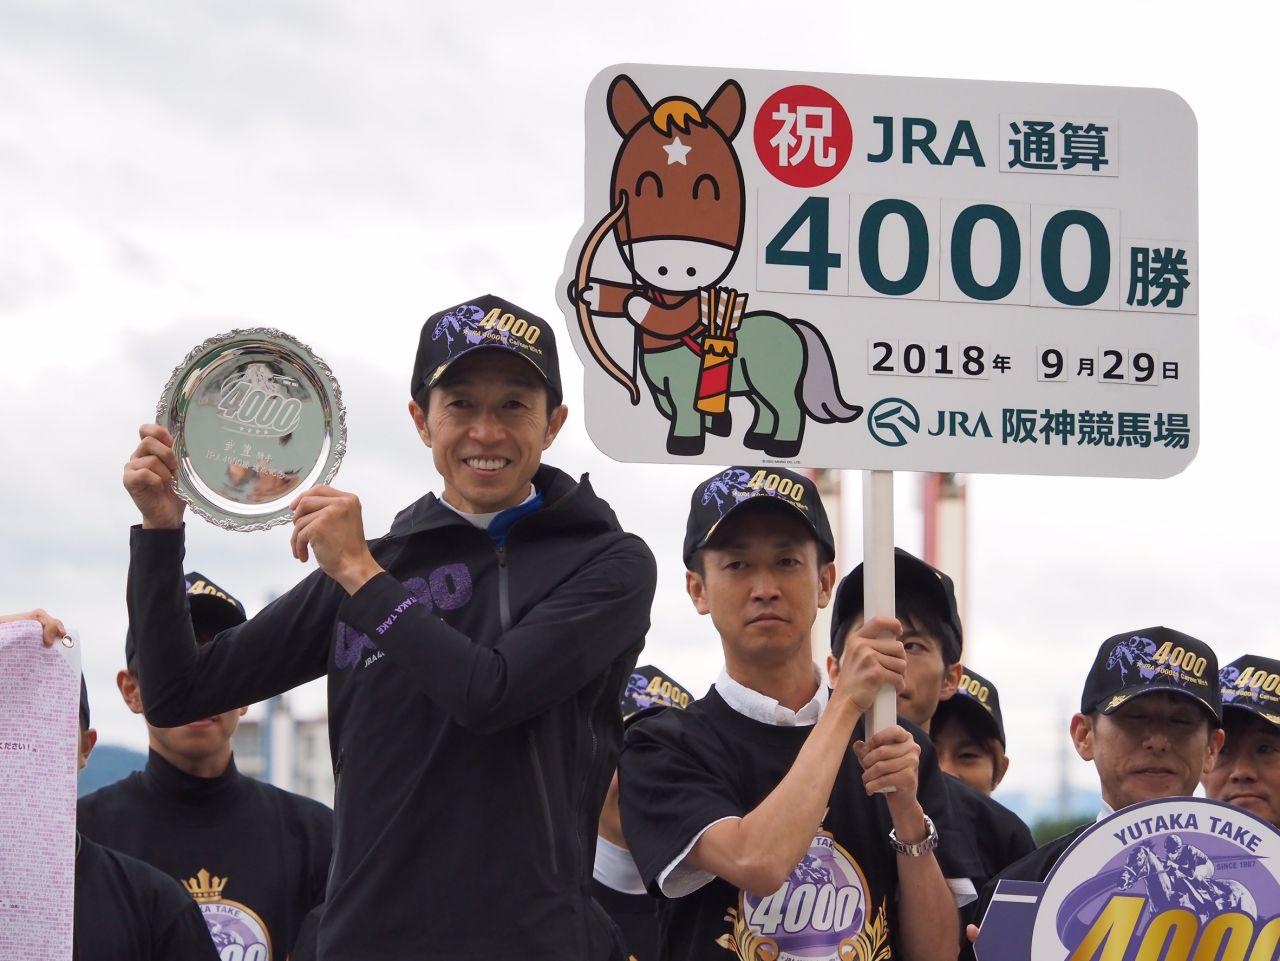 前人未到のJRA通算4000勝達成!武豊「デビューした阪神競馬場で達成出来て嬉しく思います」